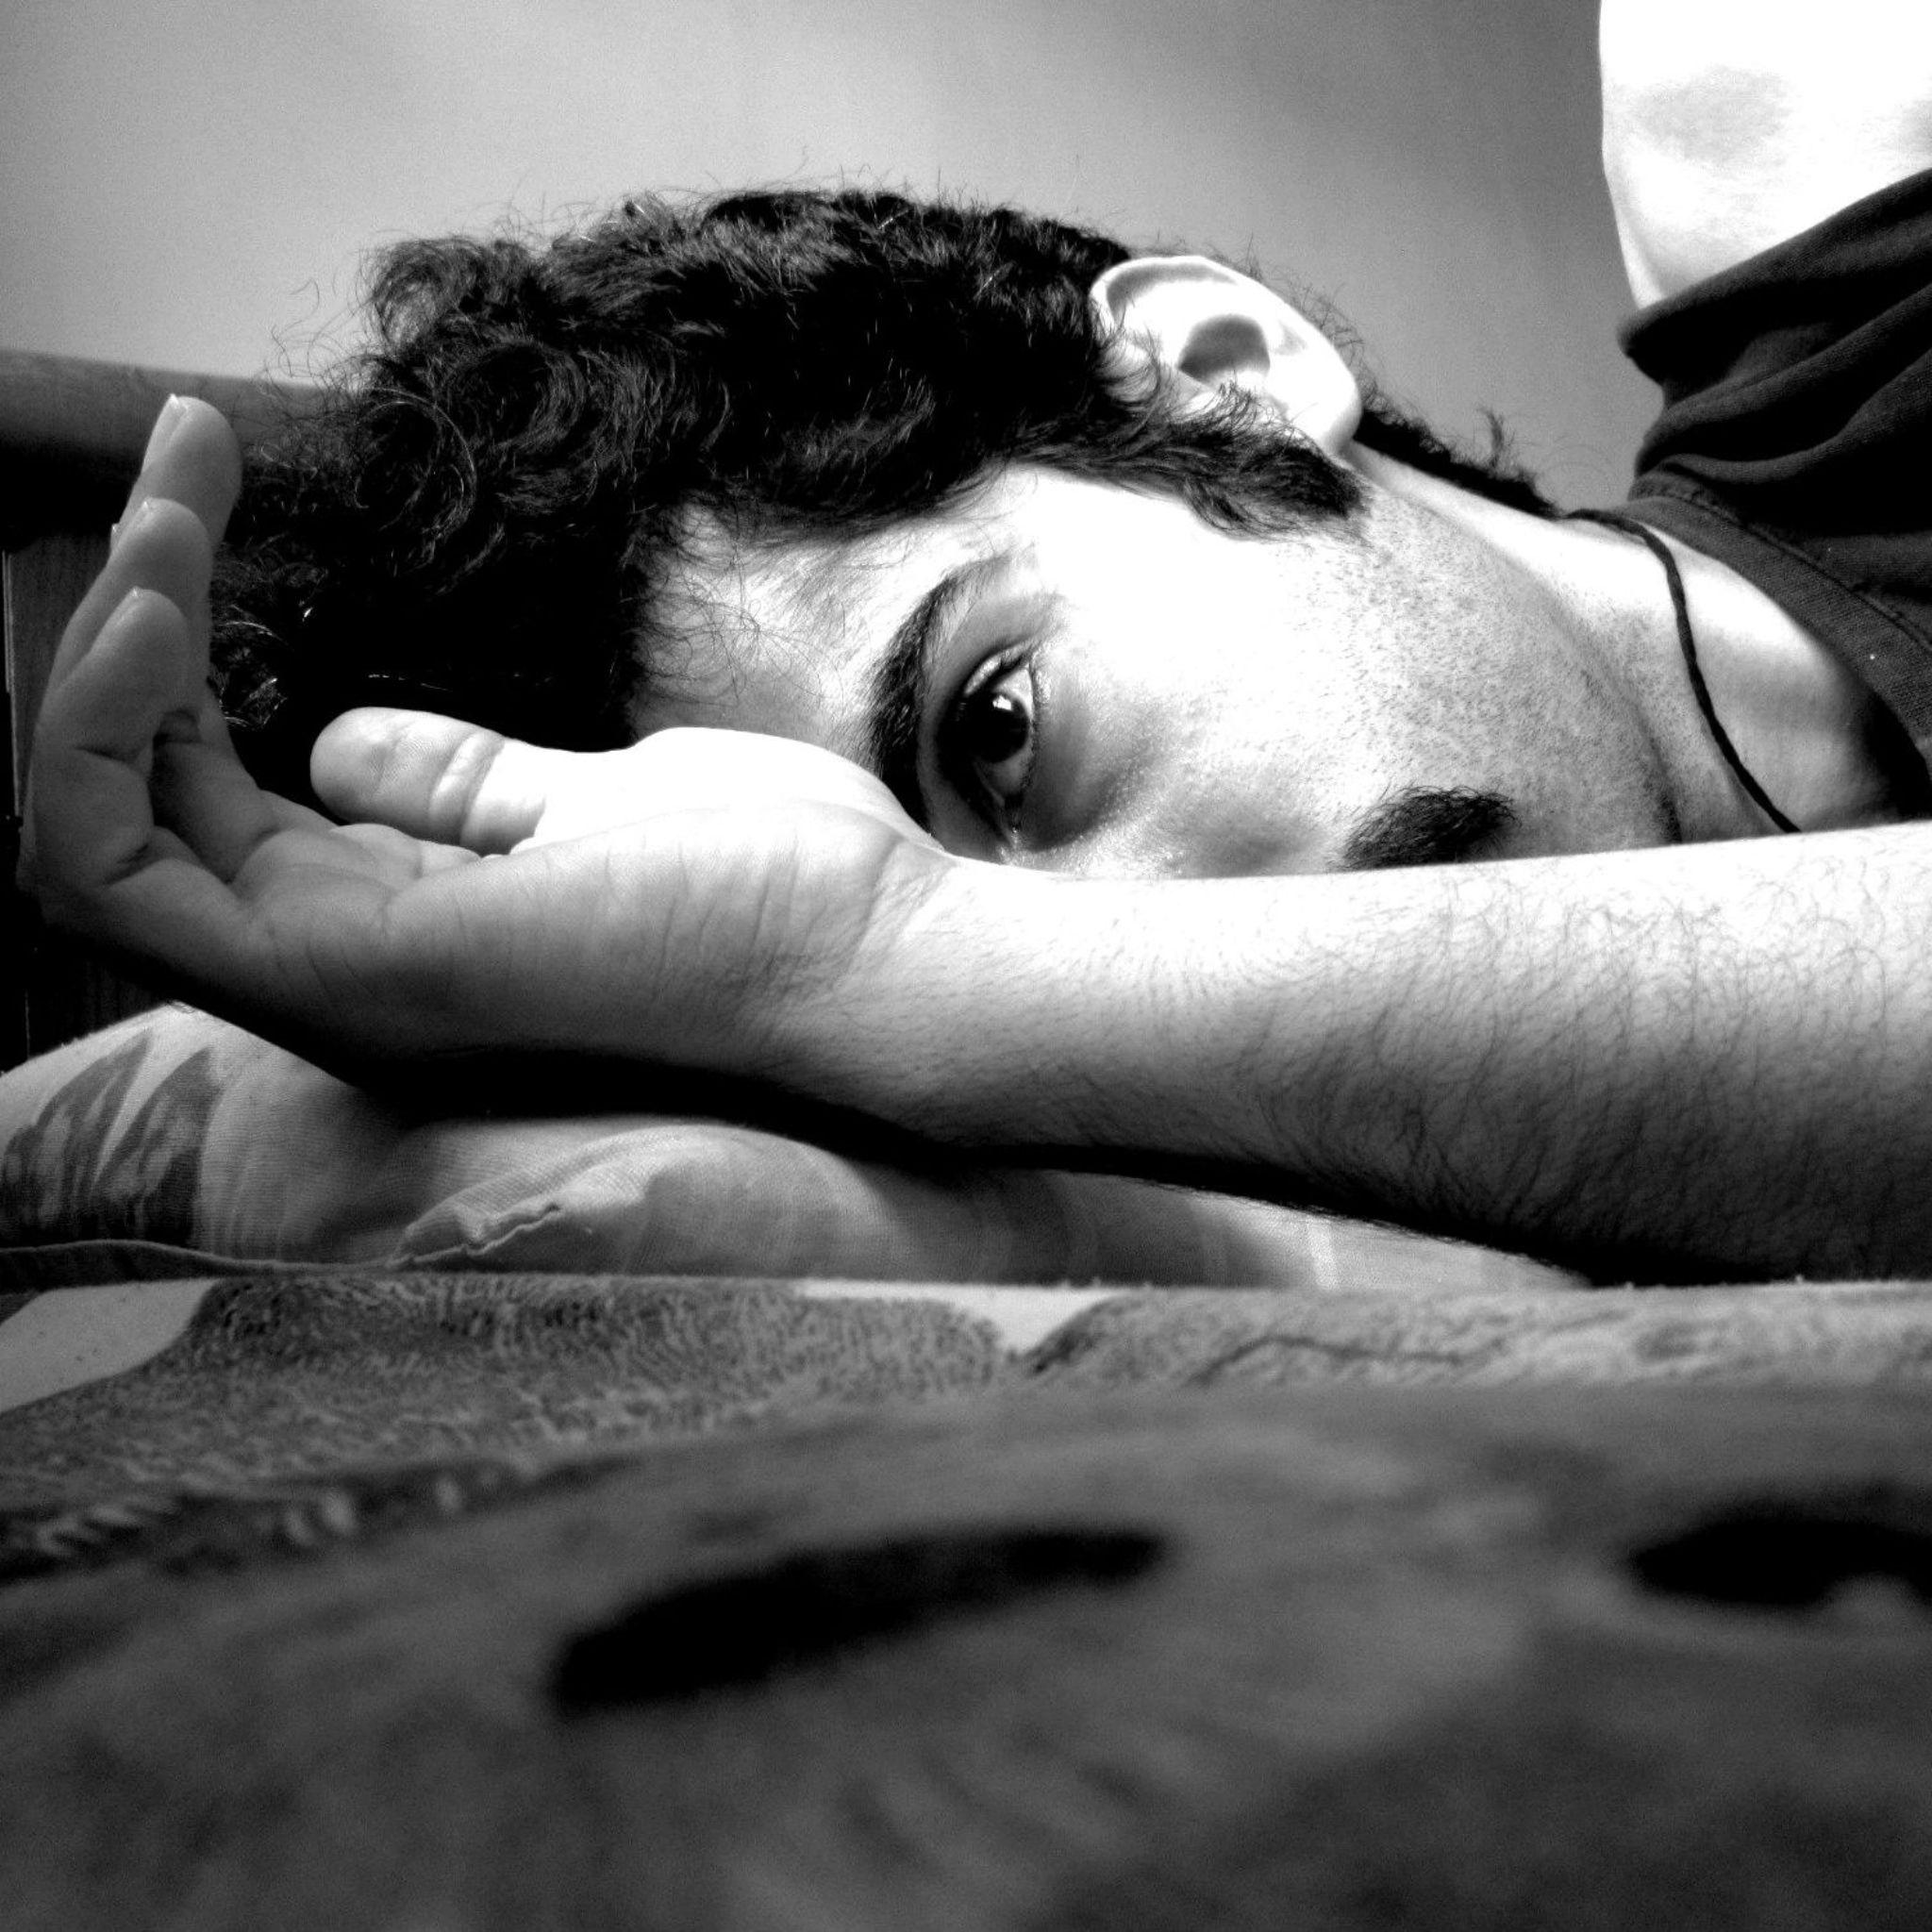 Dead by Ali Amirifar